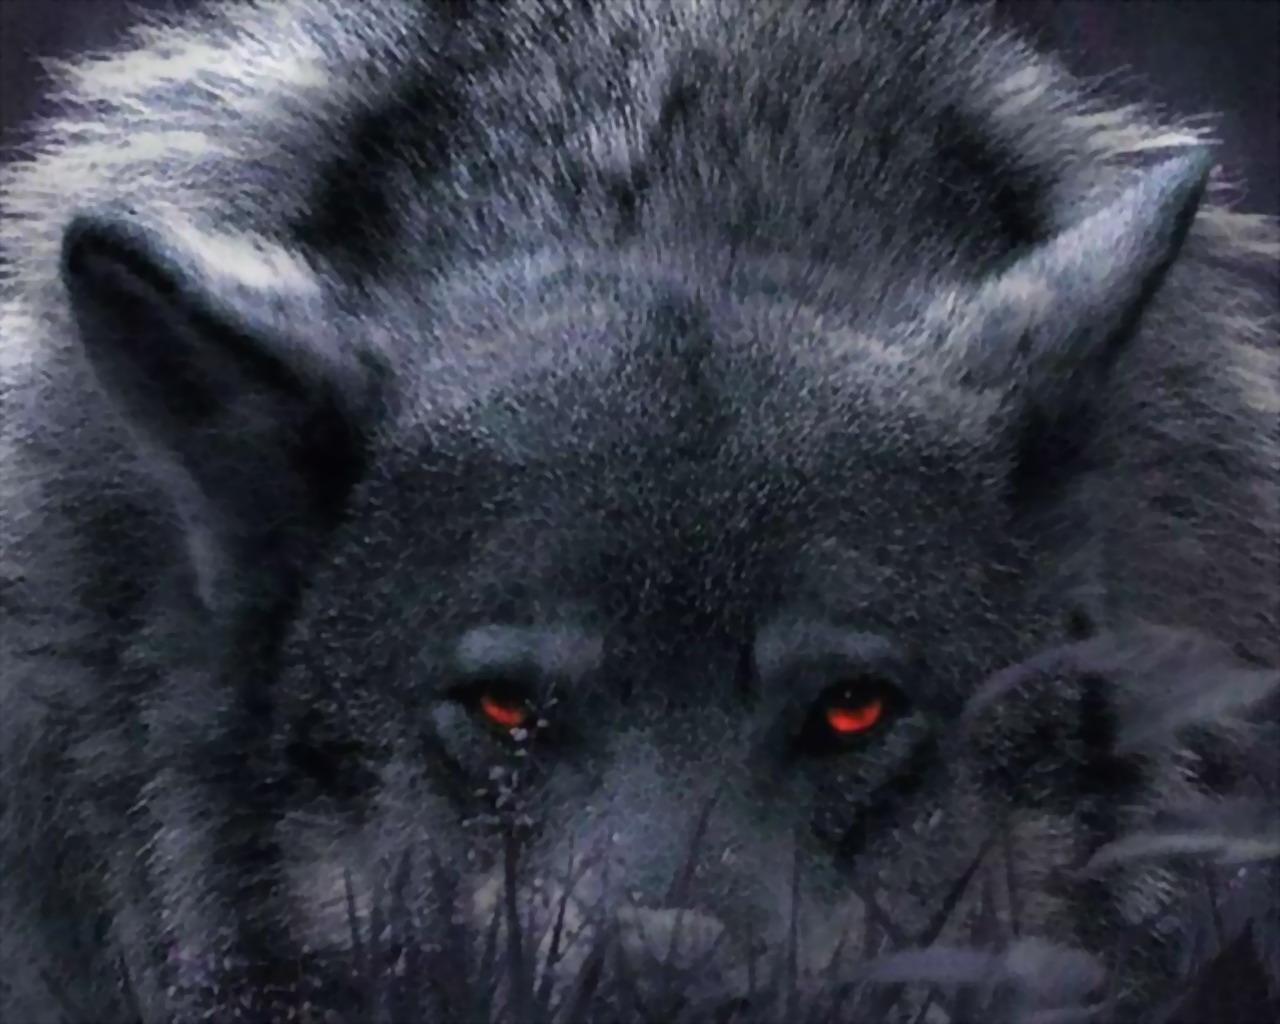 wolf Wallpaper Background 3646 1280x1024